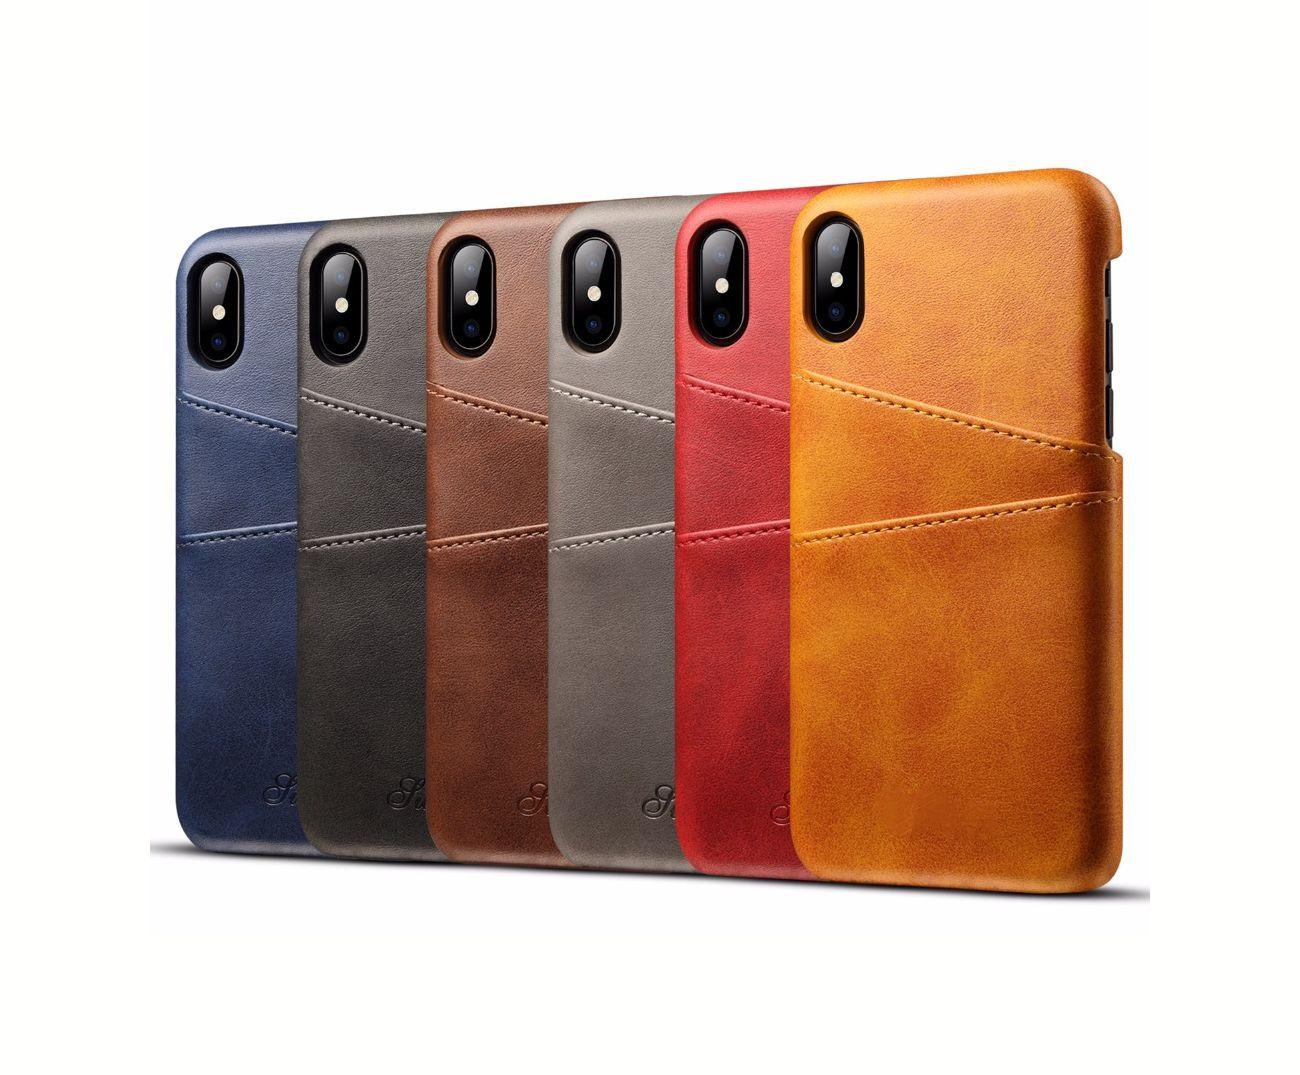 Kožené-obaly-na-iPhone-X.-Každý-iPhone-X-by-mal-byť-starostlivo-uložený-v-obale-ktorý-ho-chráni-pred-pádmi-aj-vonkajšími-vplyvmi